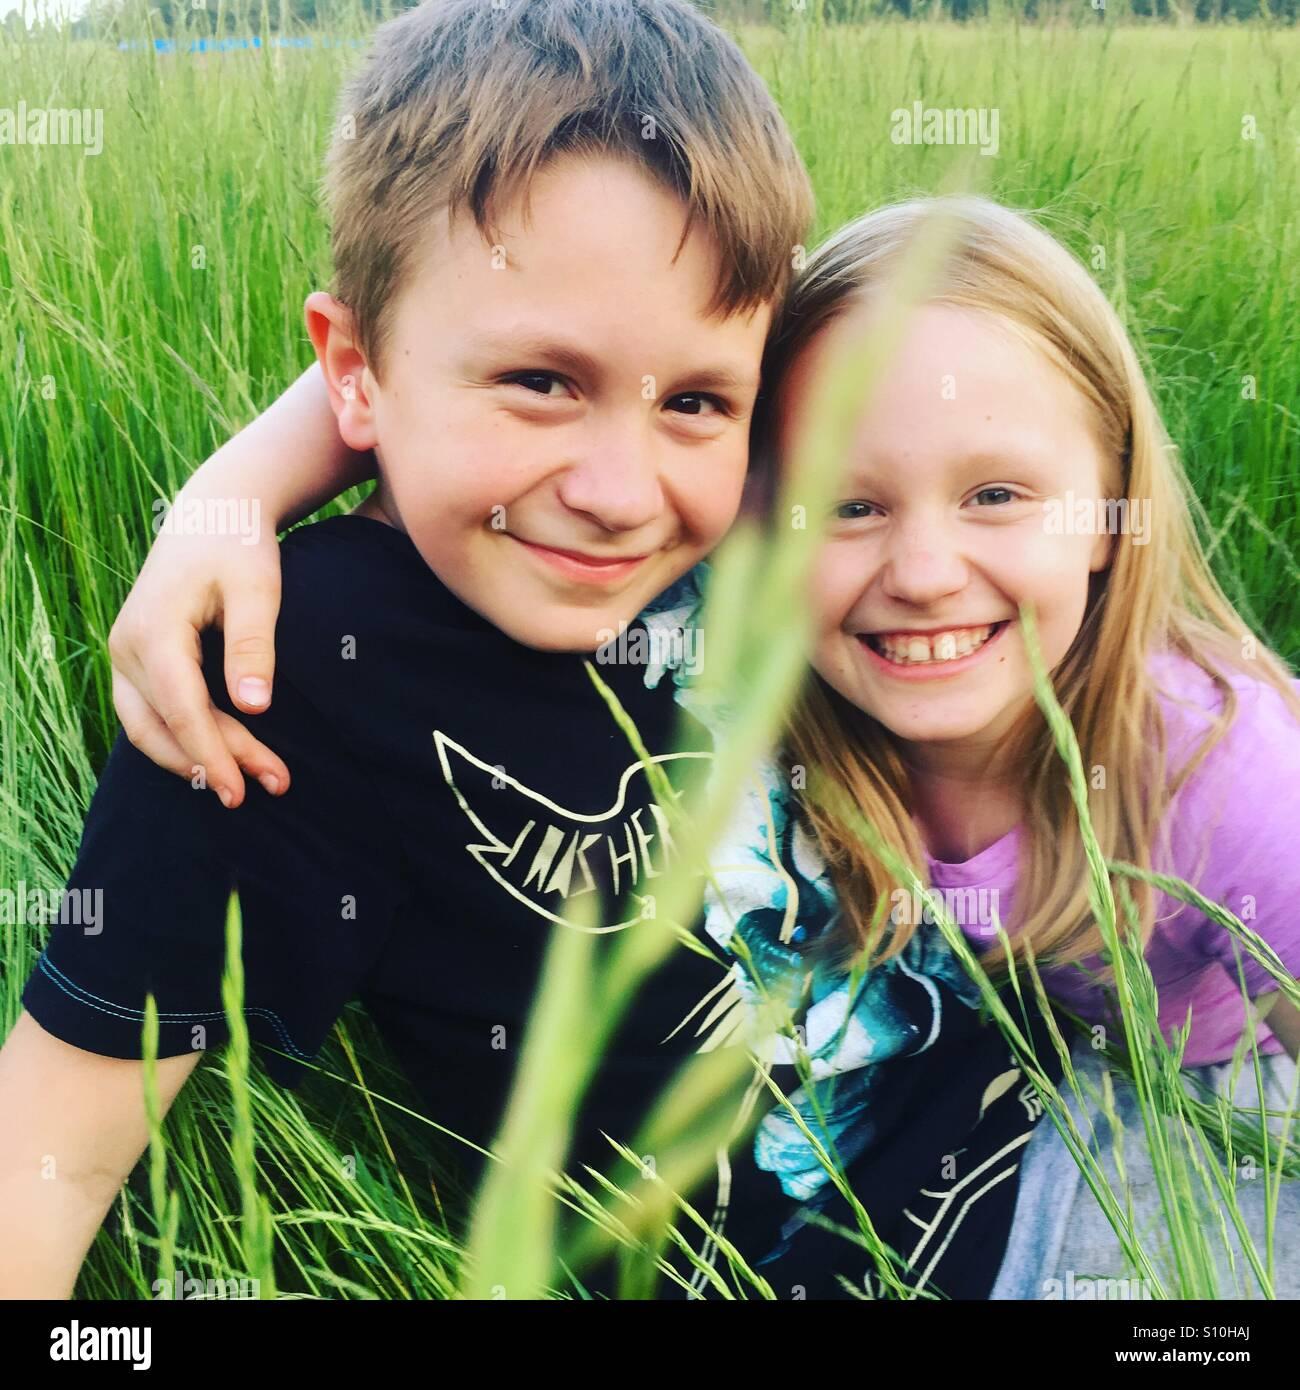 Fratelli di Felice costeggiata a vicenda e sorridente, seduti fuori in un alto erba verde su una multa, bello e Immagini Stock